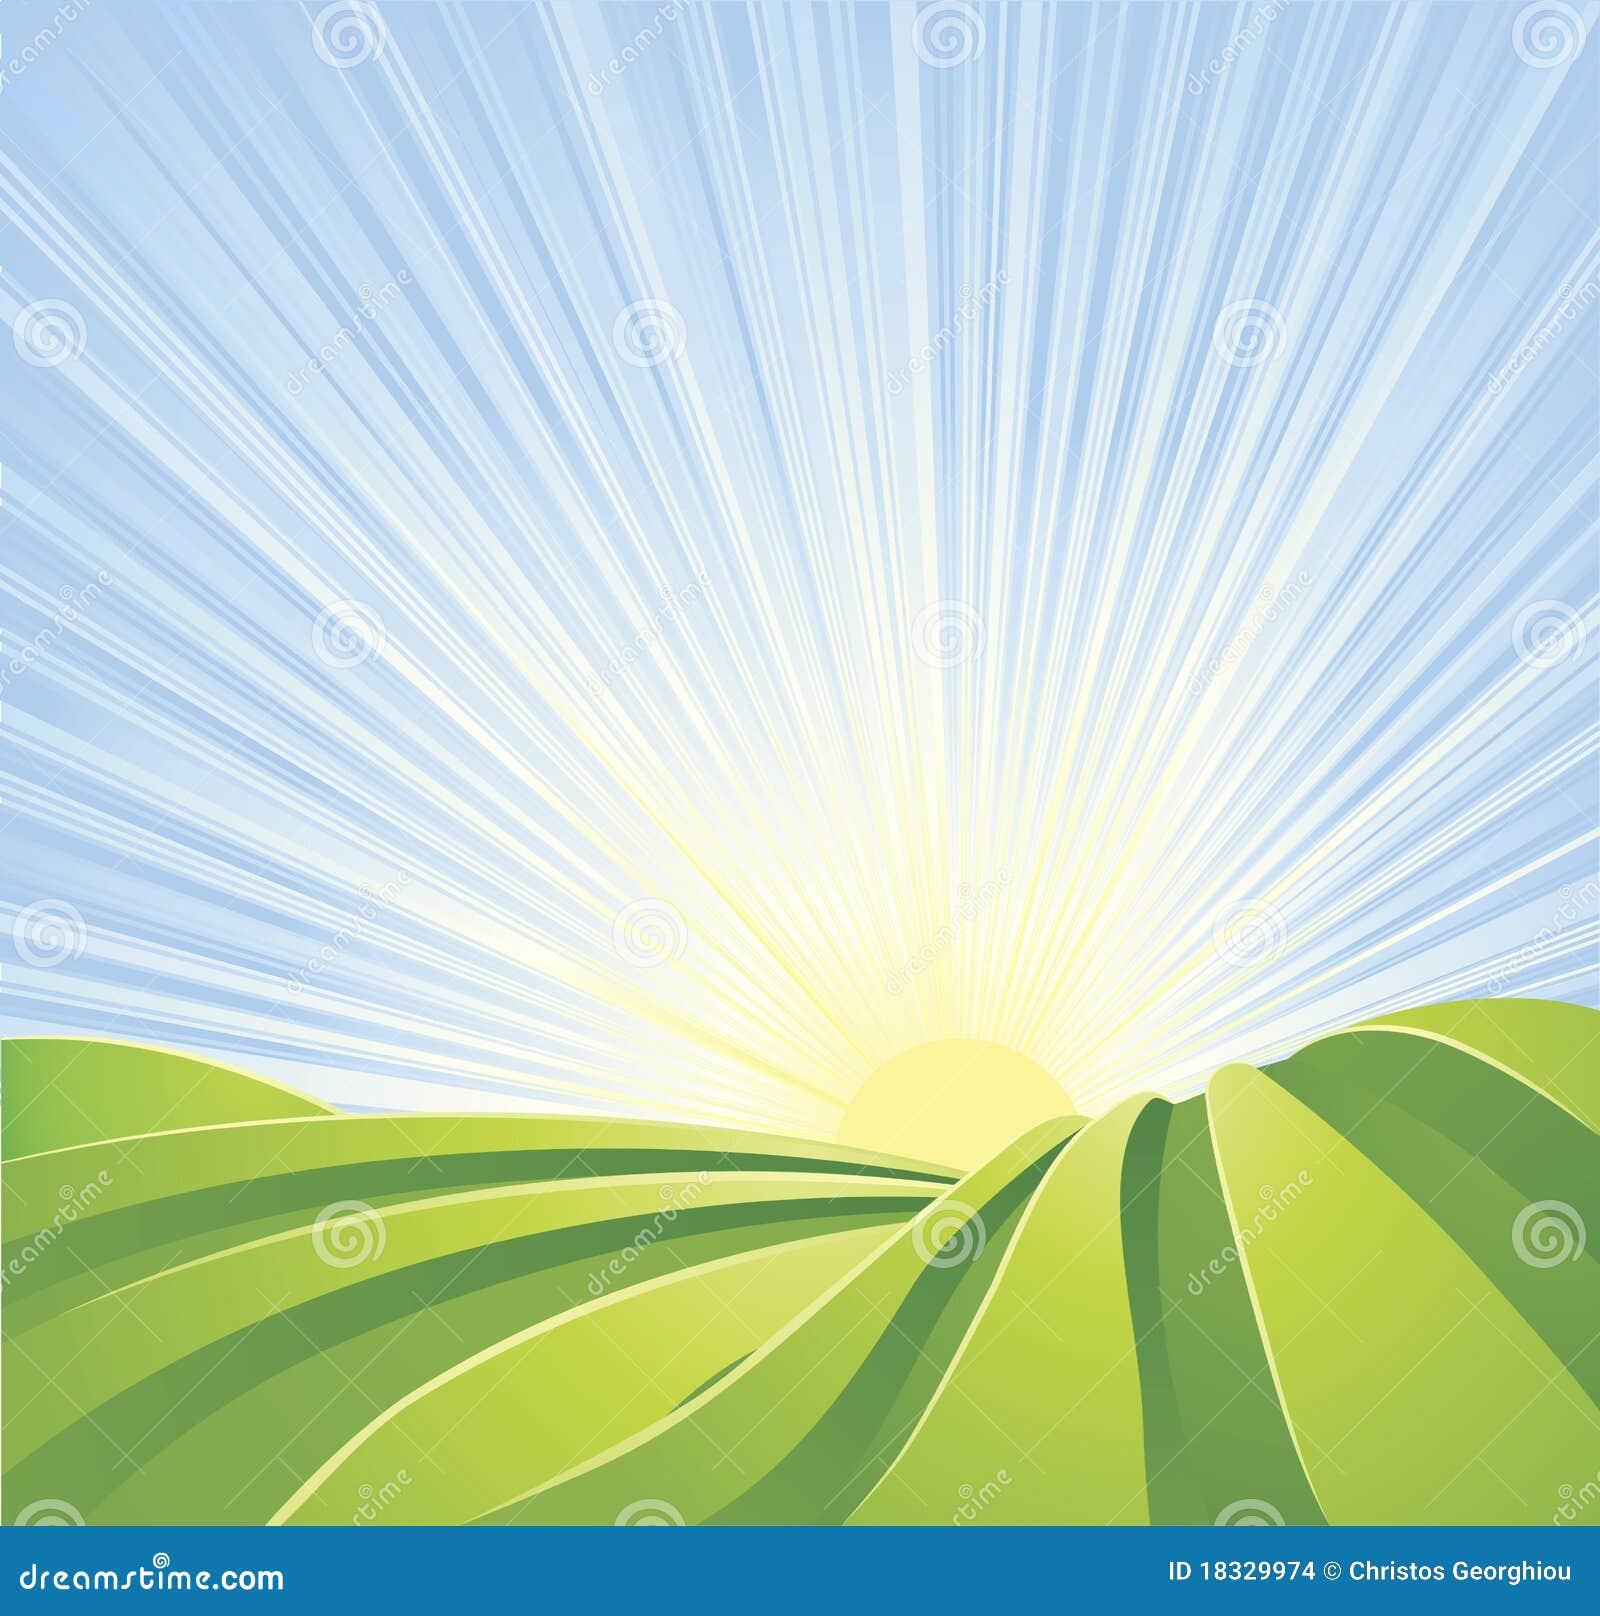 Los campos verdes idílicos con el sol irradian el cielo azul